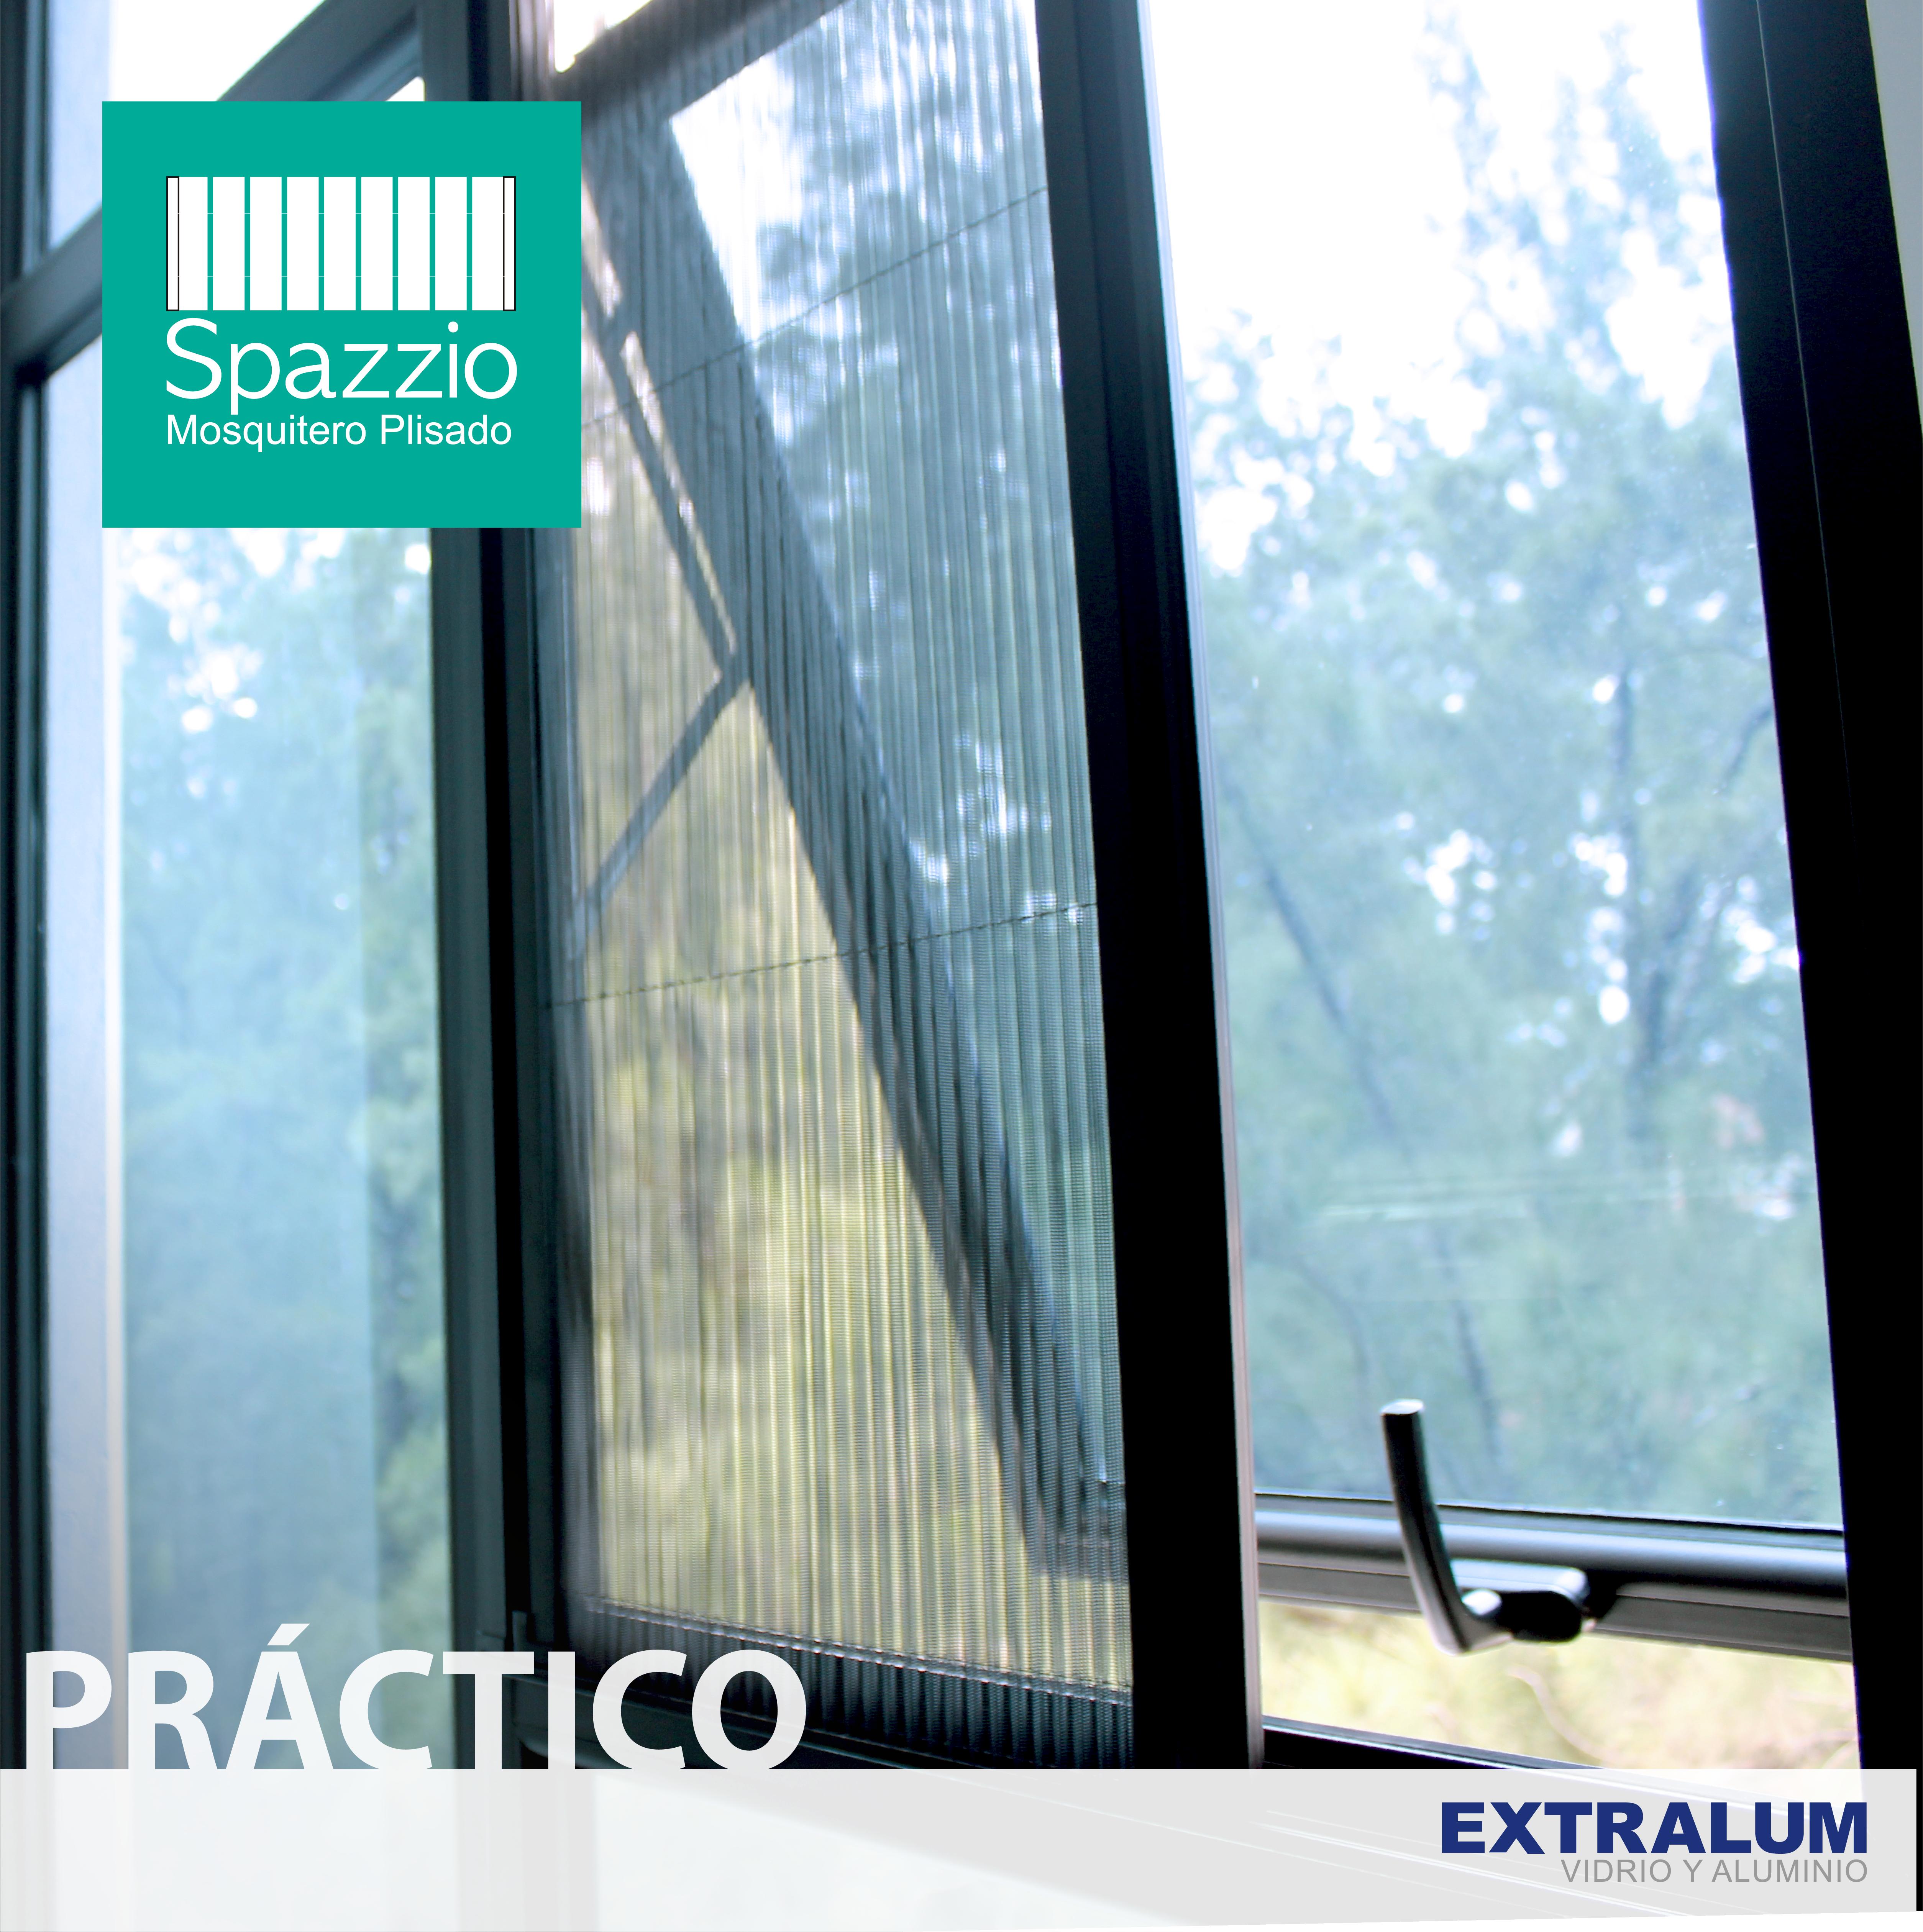 Los Mosquiteros Plegables Spazzio Son Una Solución Práctica Y Efectiva Permitiendo Mejor Visualización Y Comodidad Productosextralum Ventila Cedazo Alum